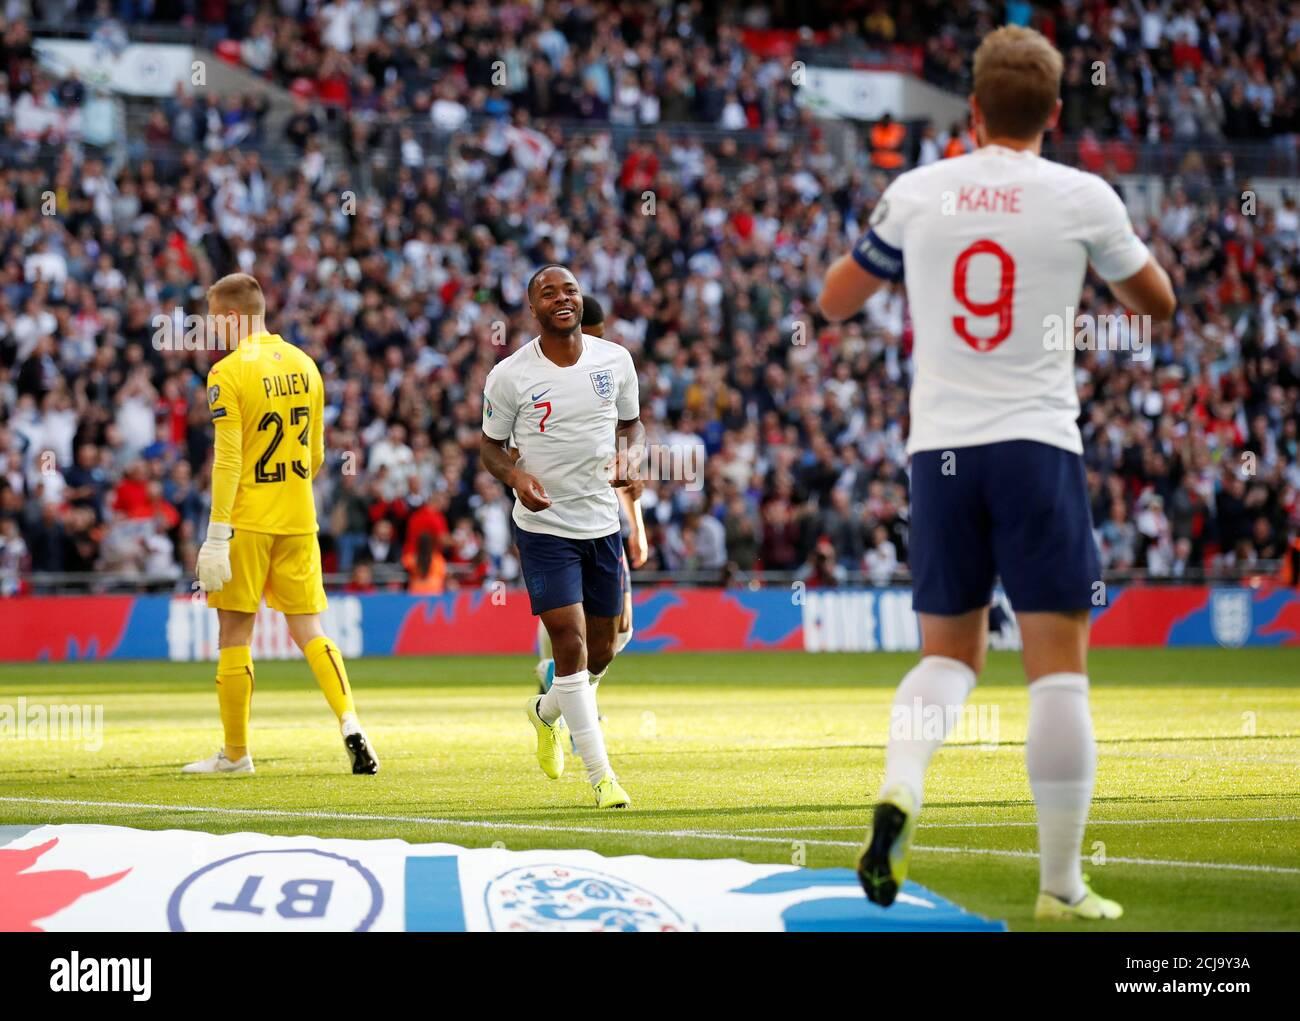 Calcio Calcio - Euro 2020 Qualifier - Gruppo A - Inghilterra contro Bulgaria - Wembley Stadium, Londra, Gran Bretagna - 7 settembre 2019 il Raheem Sterling dell'Inghilterra celebra il suo terzo gol REUTERS/David Klein Foto Stock